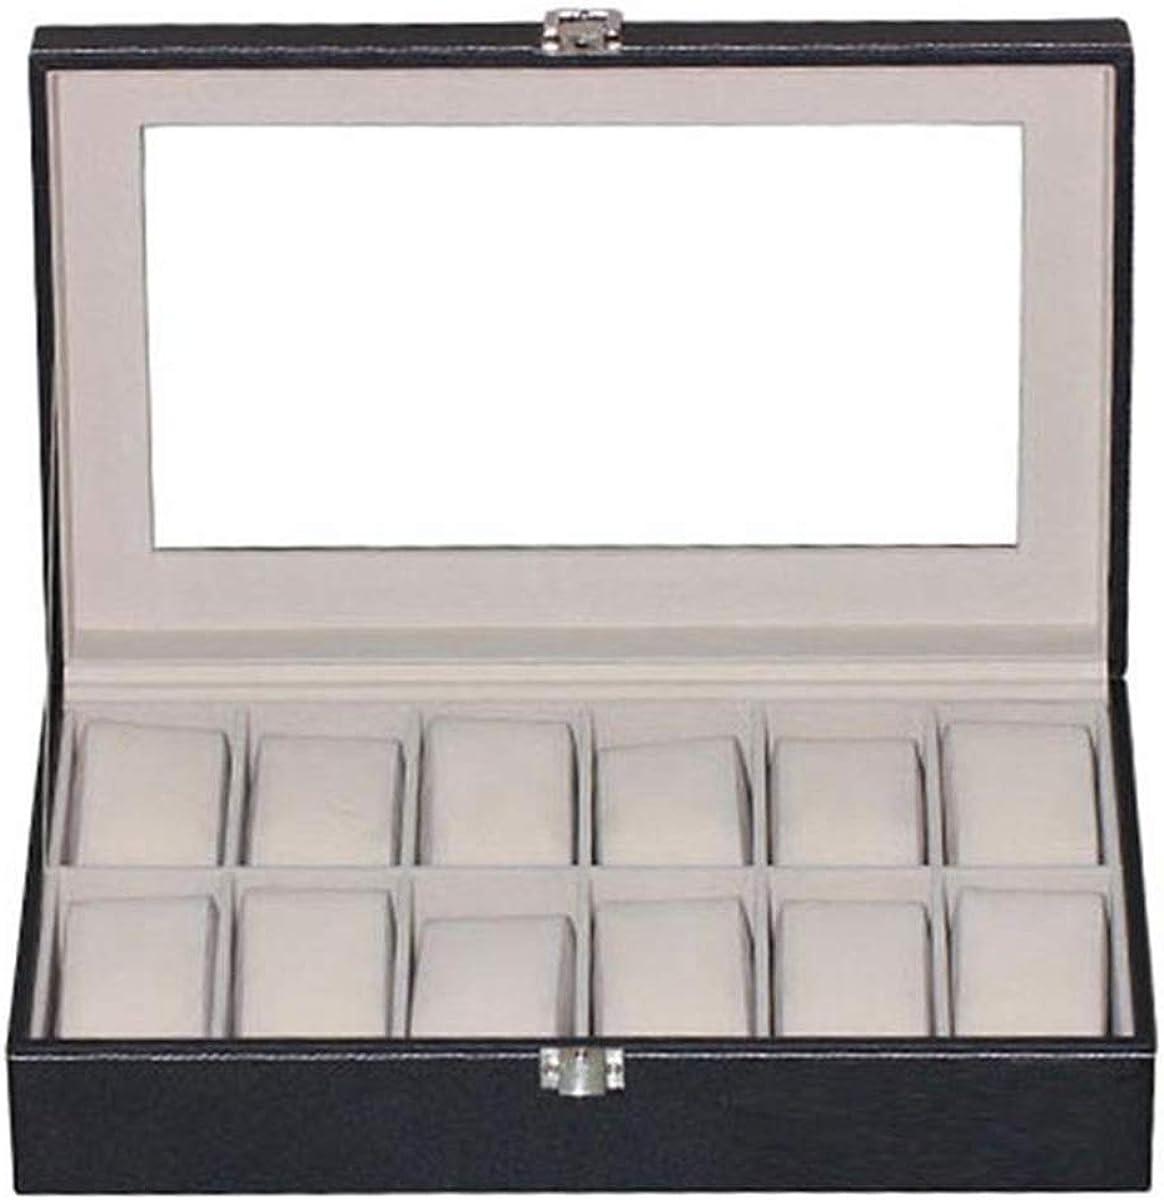 12 griglie Scatole per orologi in cuoio nero Scatola portaoggetti Scatola portagioie con anello per gioielli Scatola per orologio 6 Slots